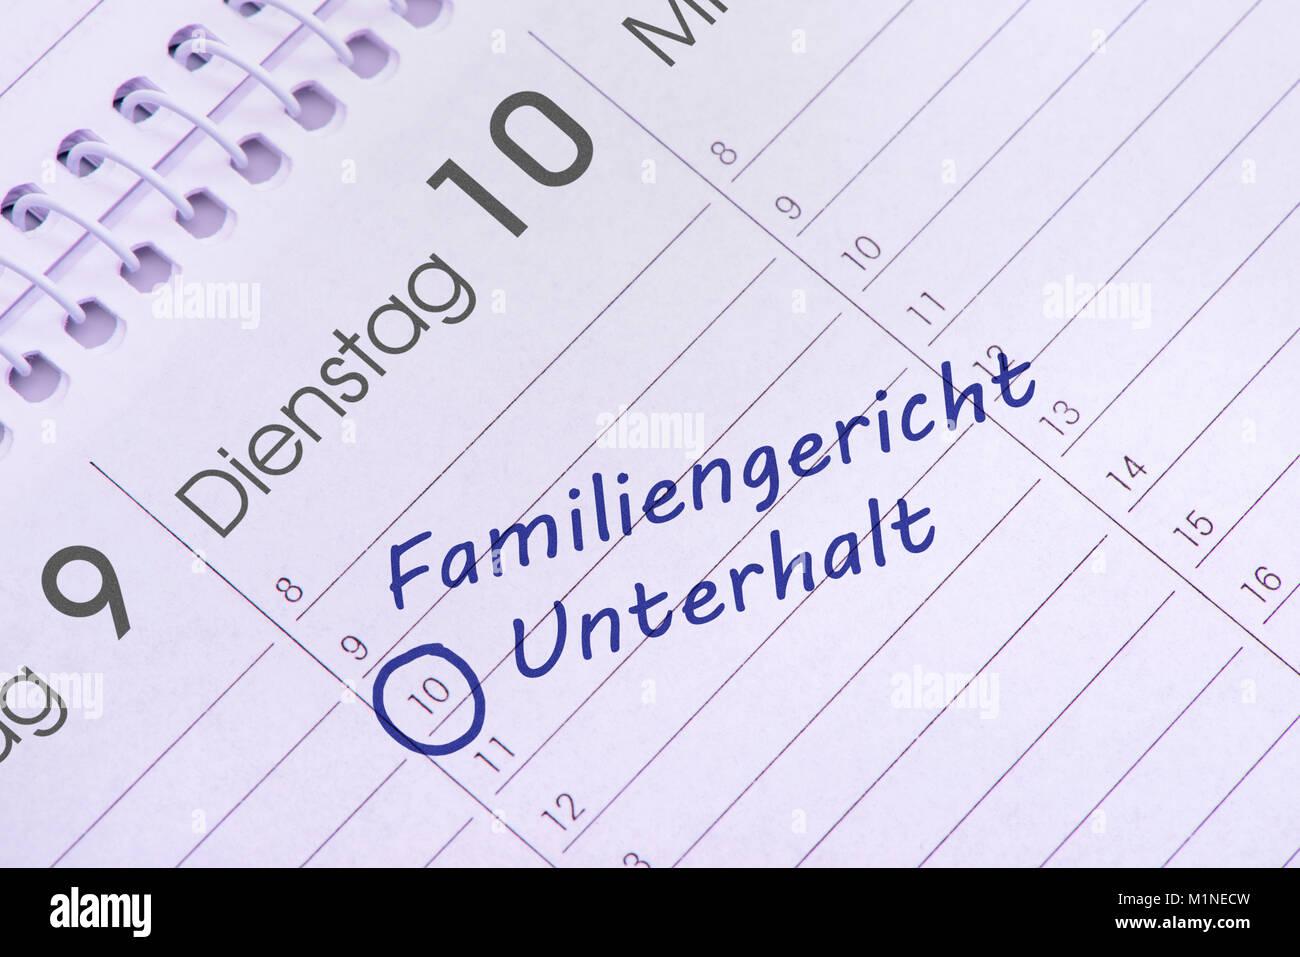 Familiengericht und Unterhalt als Eintrag im TerminkalenderTerminkalender mit Eintrag - Stock Image